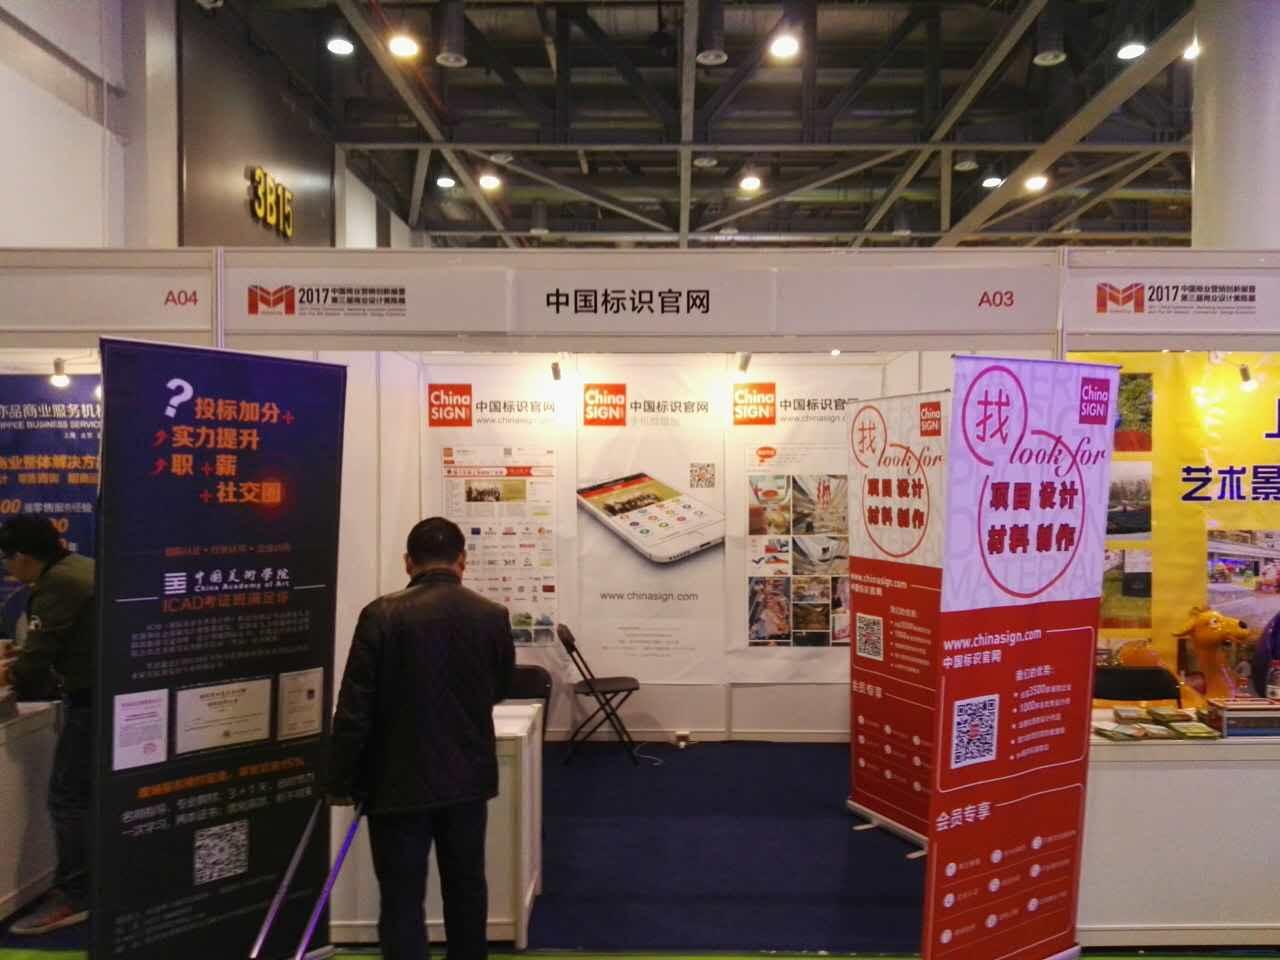 杭州《第三届商业设计美陈展》中国标识官网与您同行!